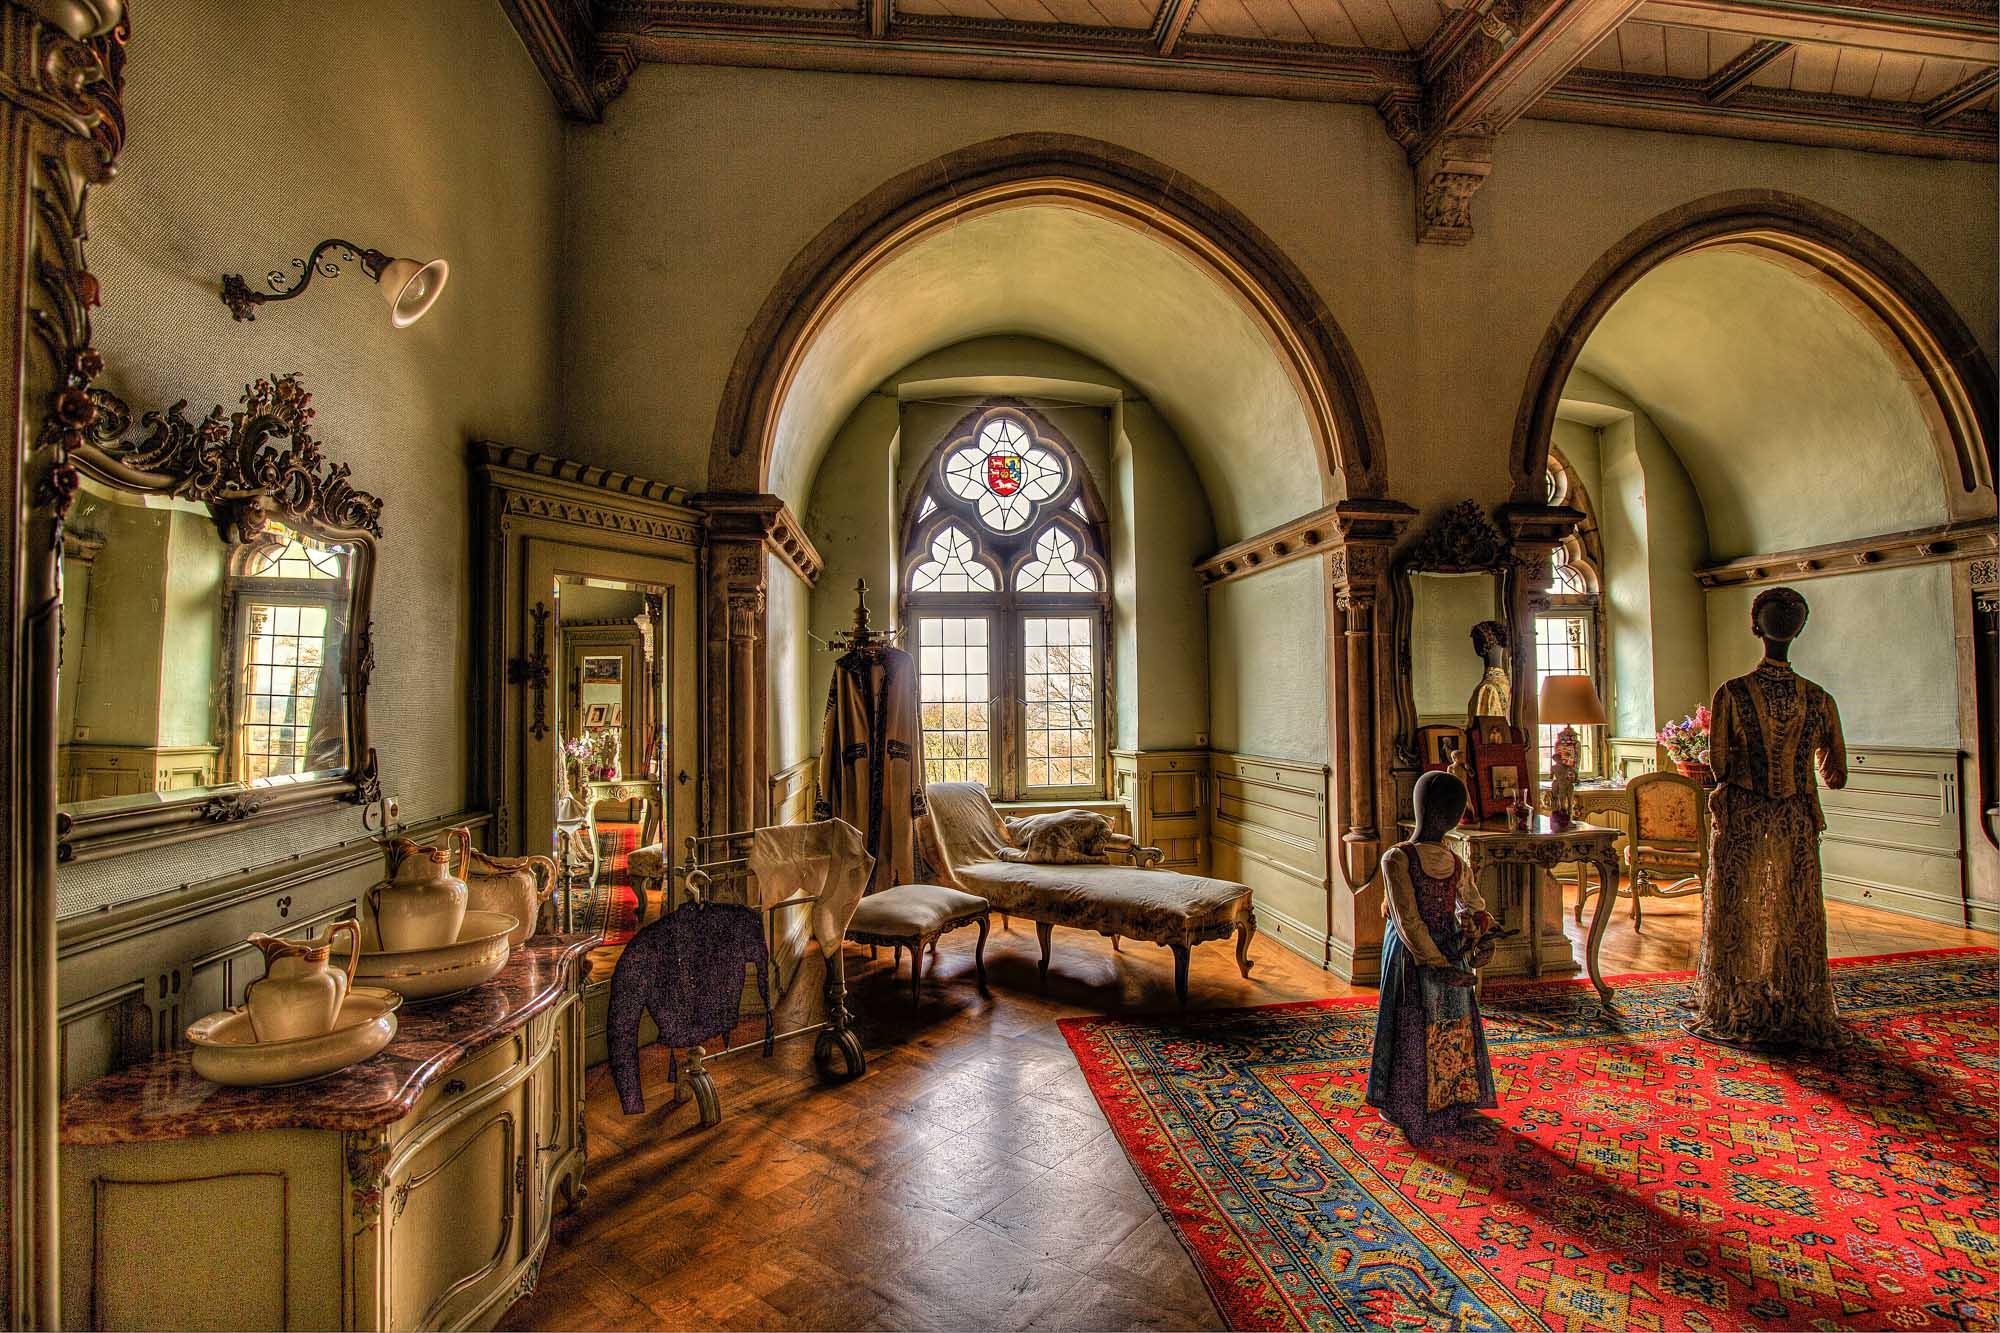 Het leven van de vorsten in de Burcht Bentheim